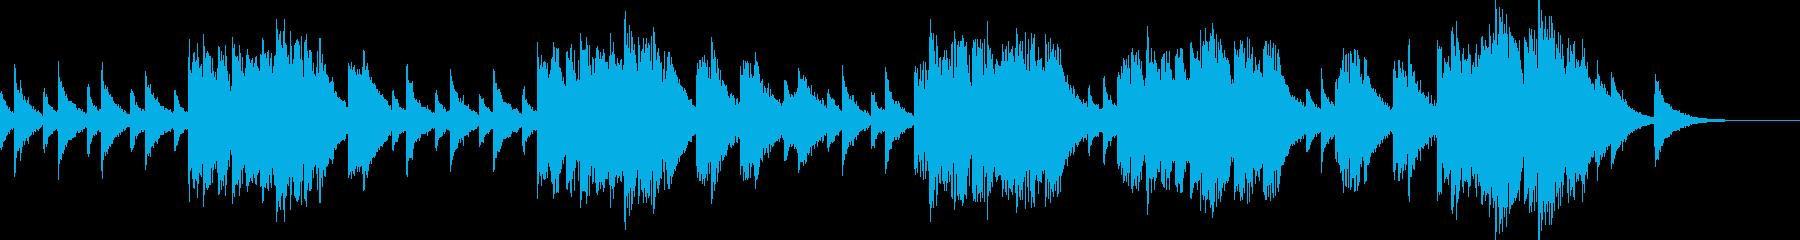 ジムノペディ第1番のシンセVer.ですの再生済みの波形